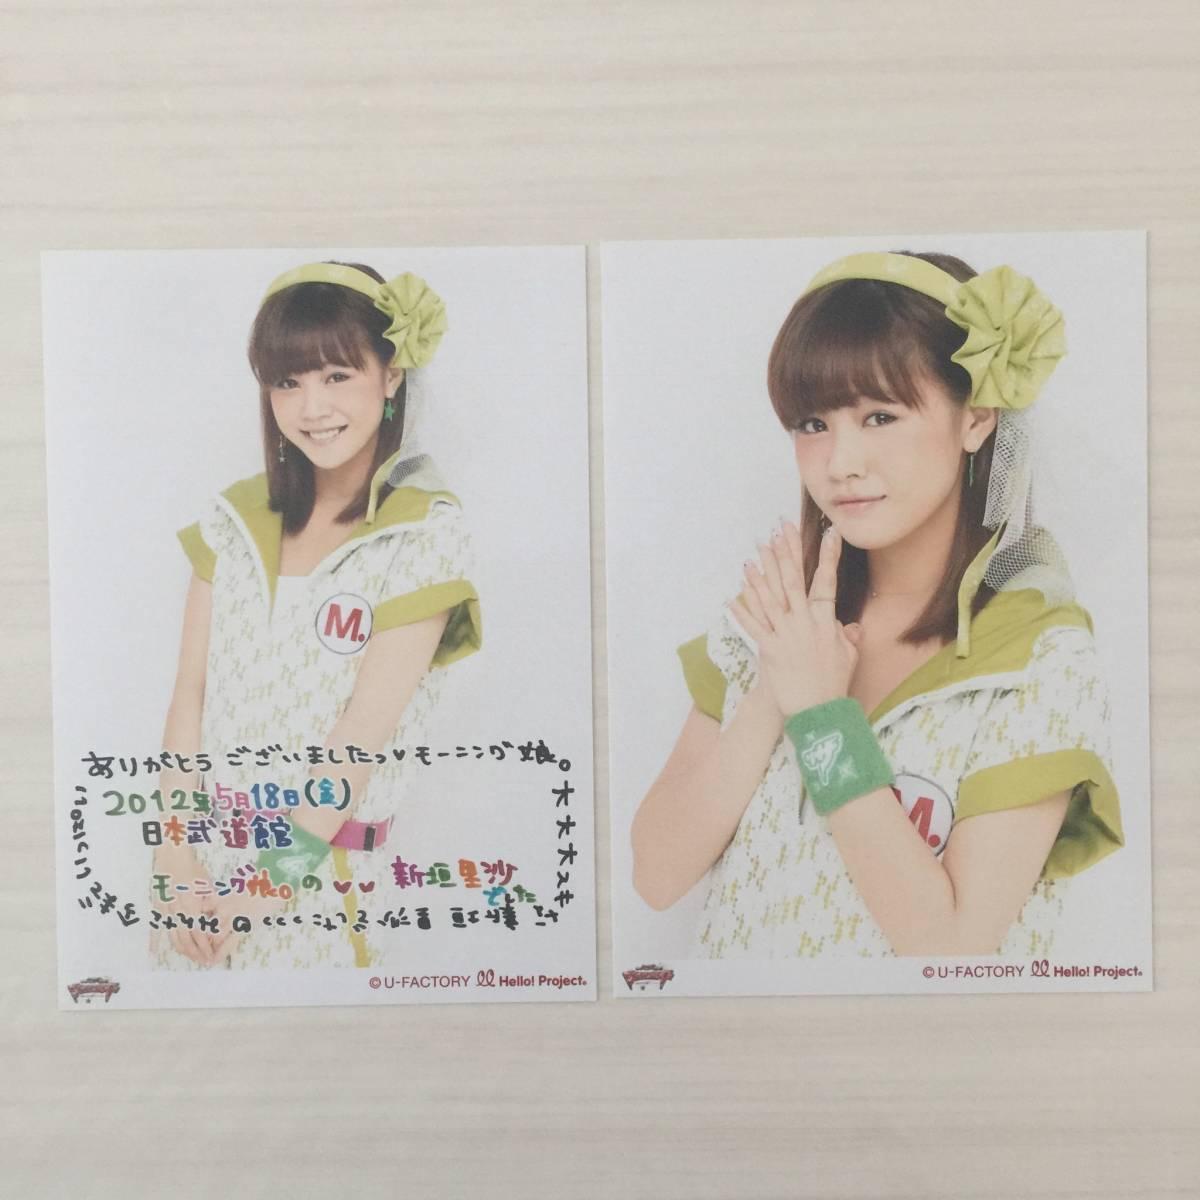 新垣里沙 2L 生写真 2枚セット 日本武道館